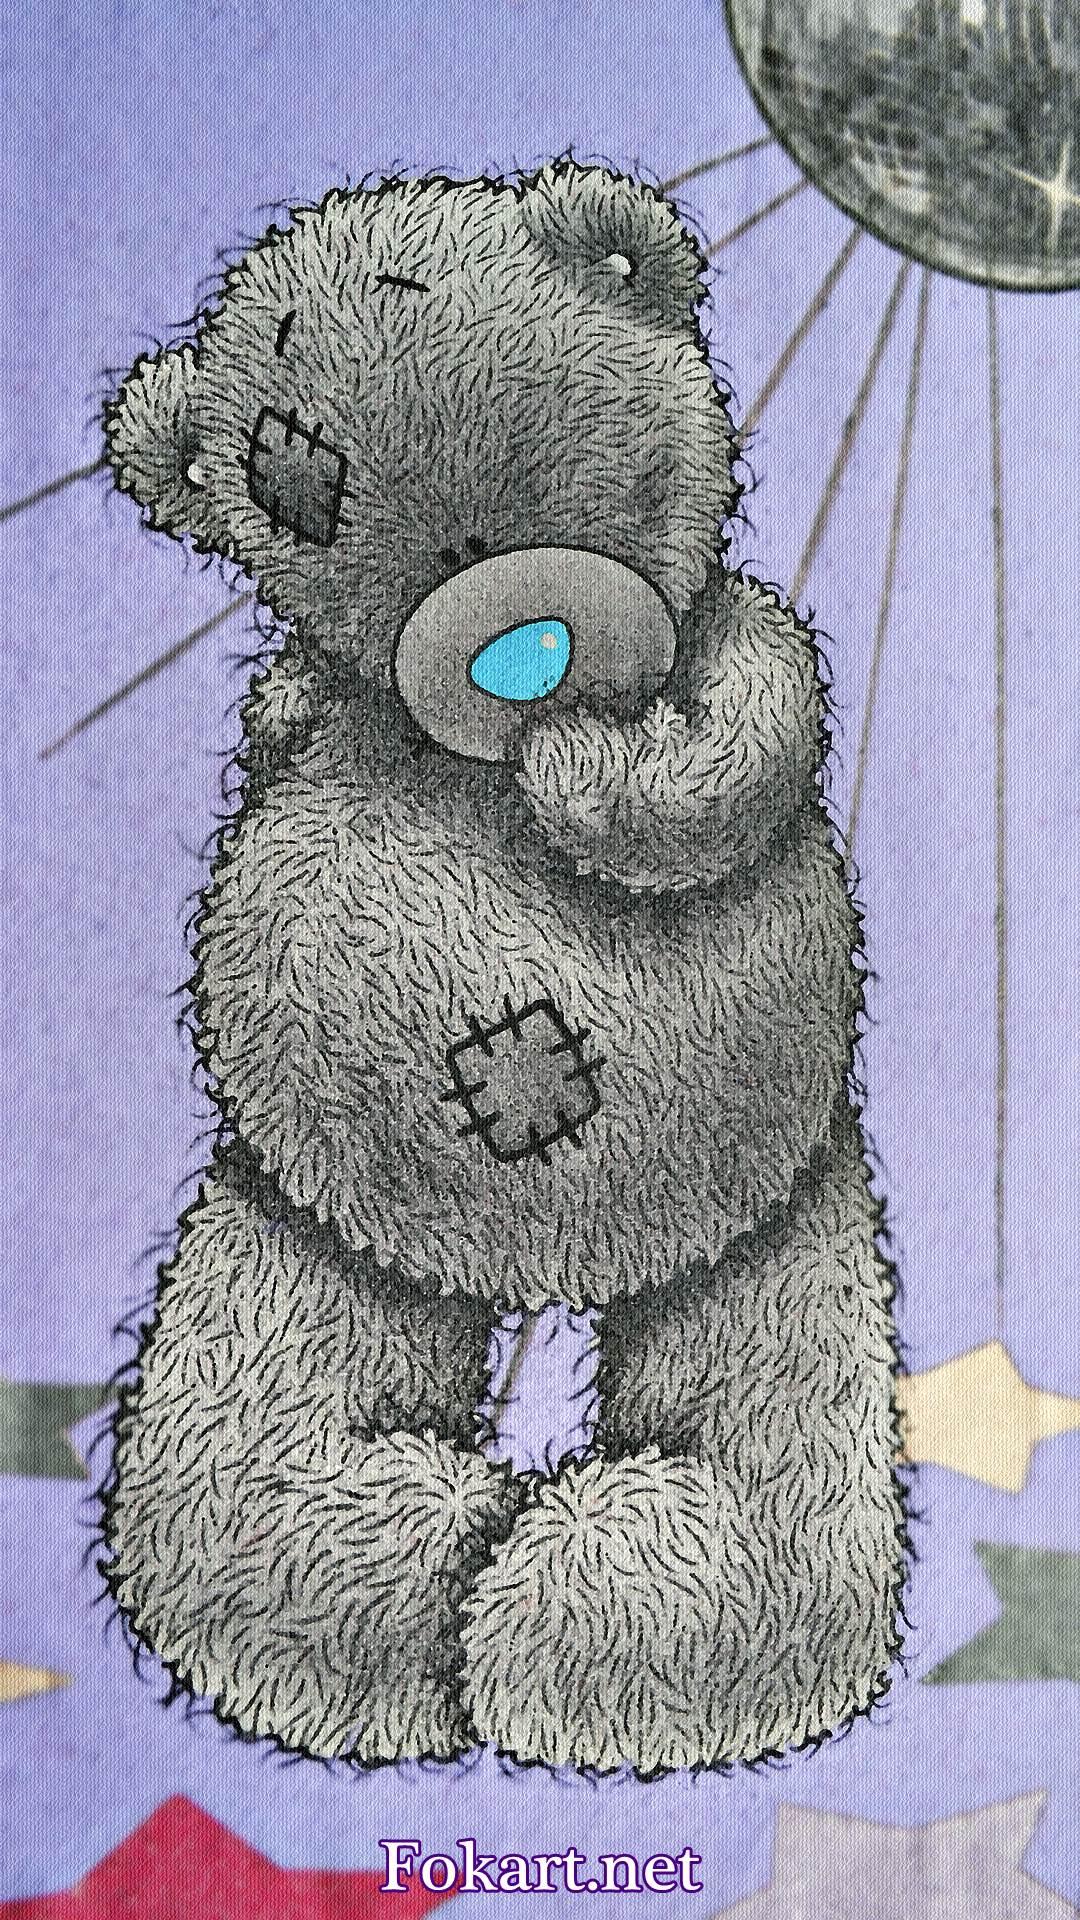 Мишка Тедди задумался, какую из упавших звёздочек выбрать